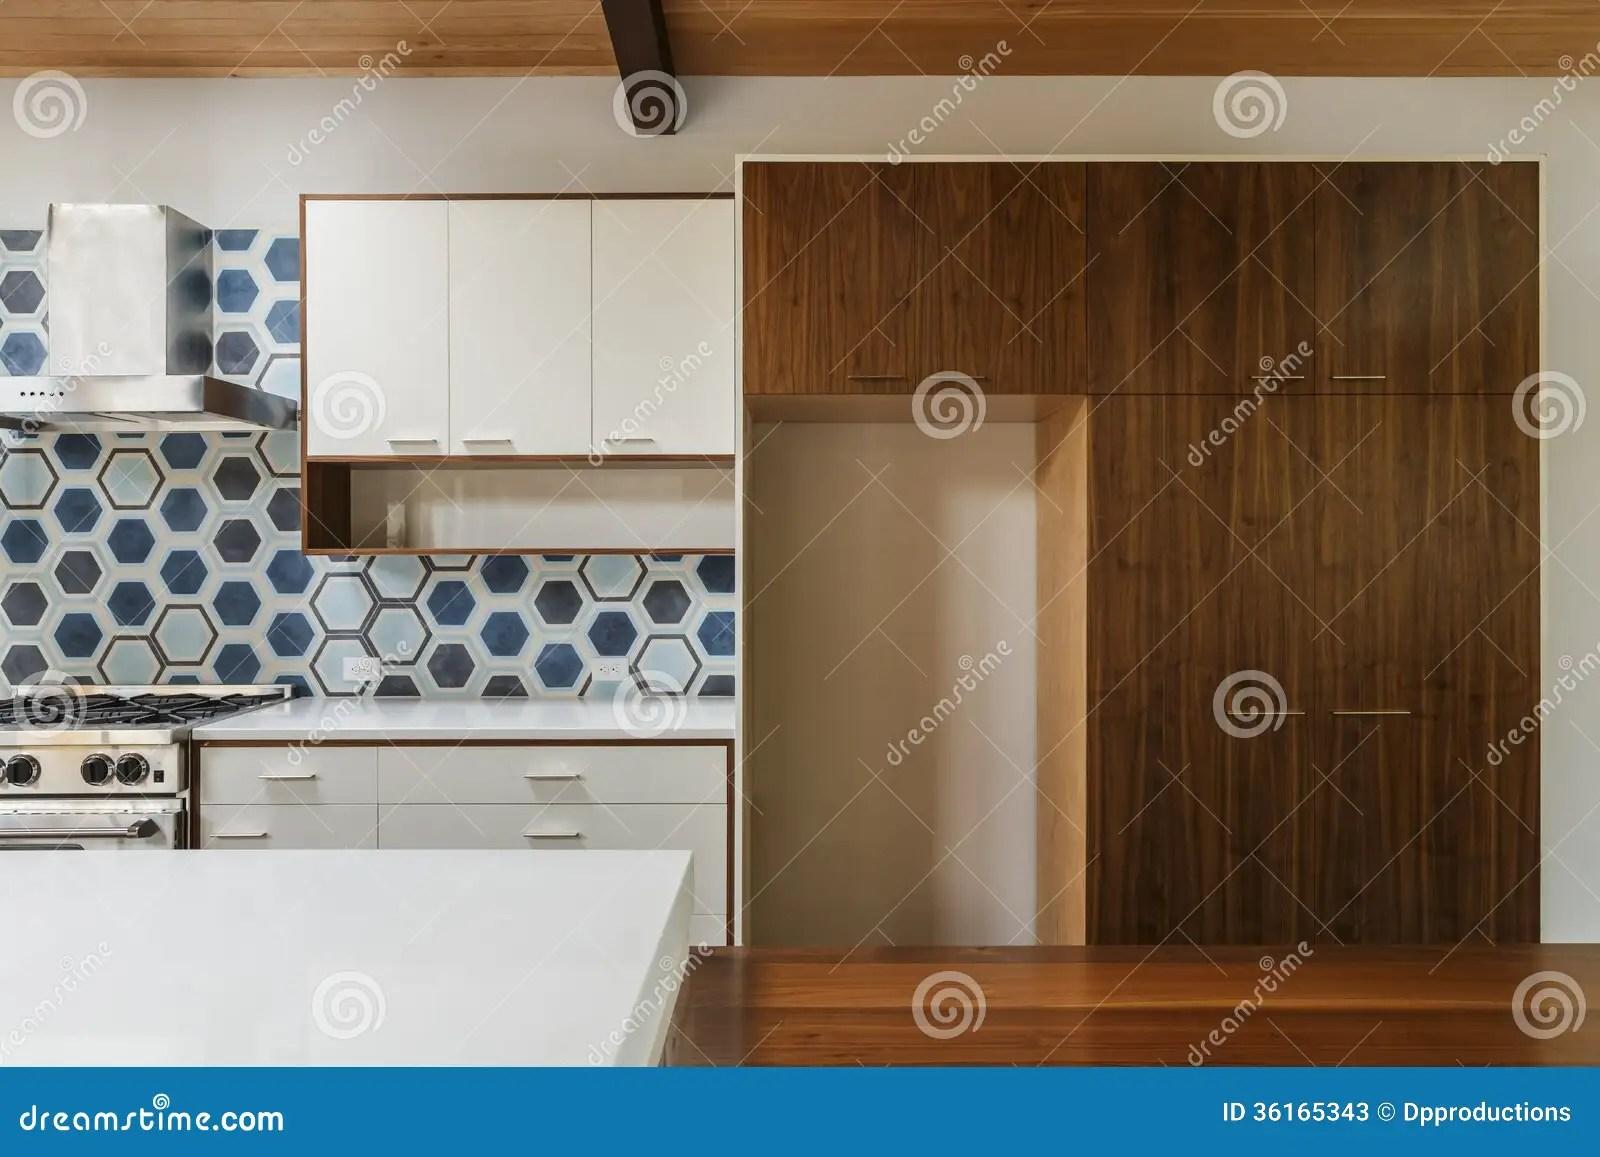 Kitchen Design 8 X 12